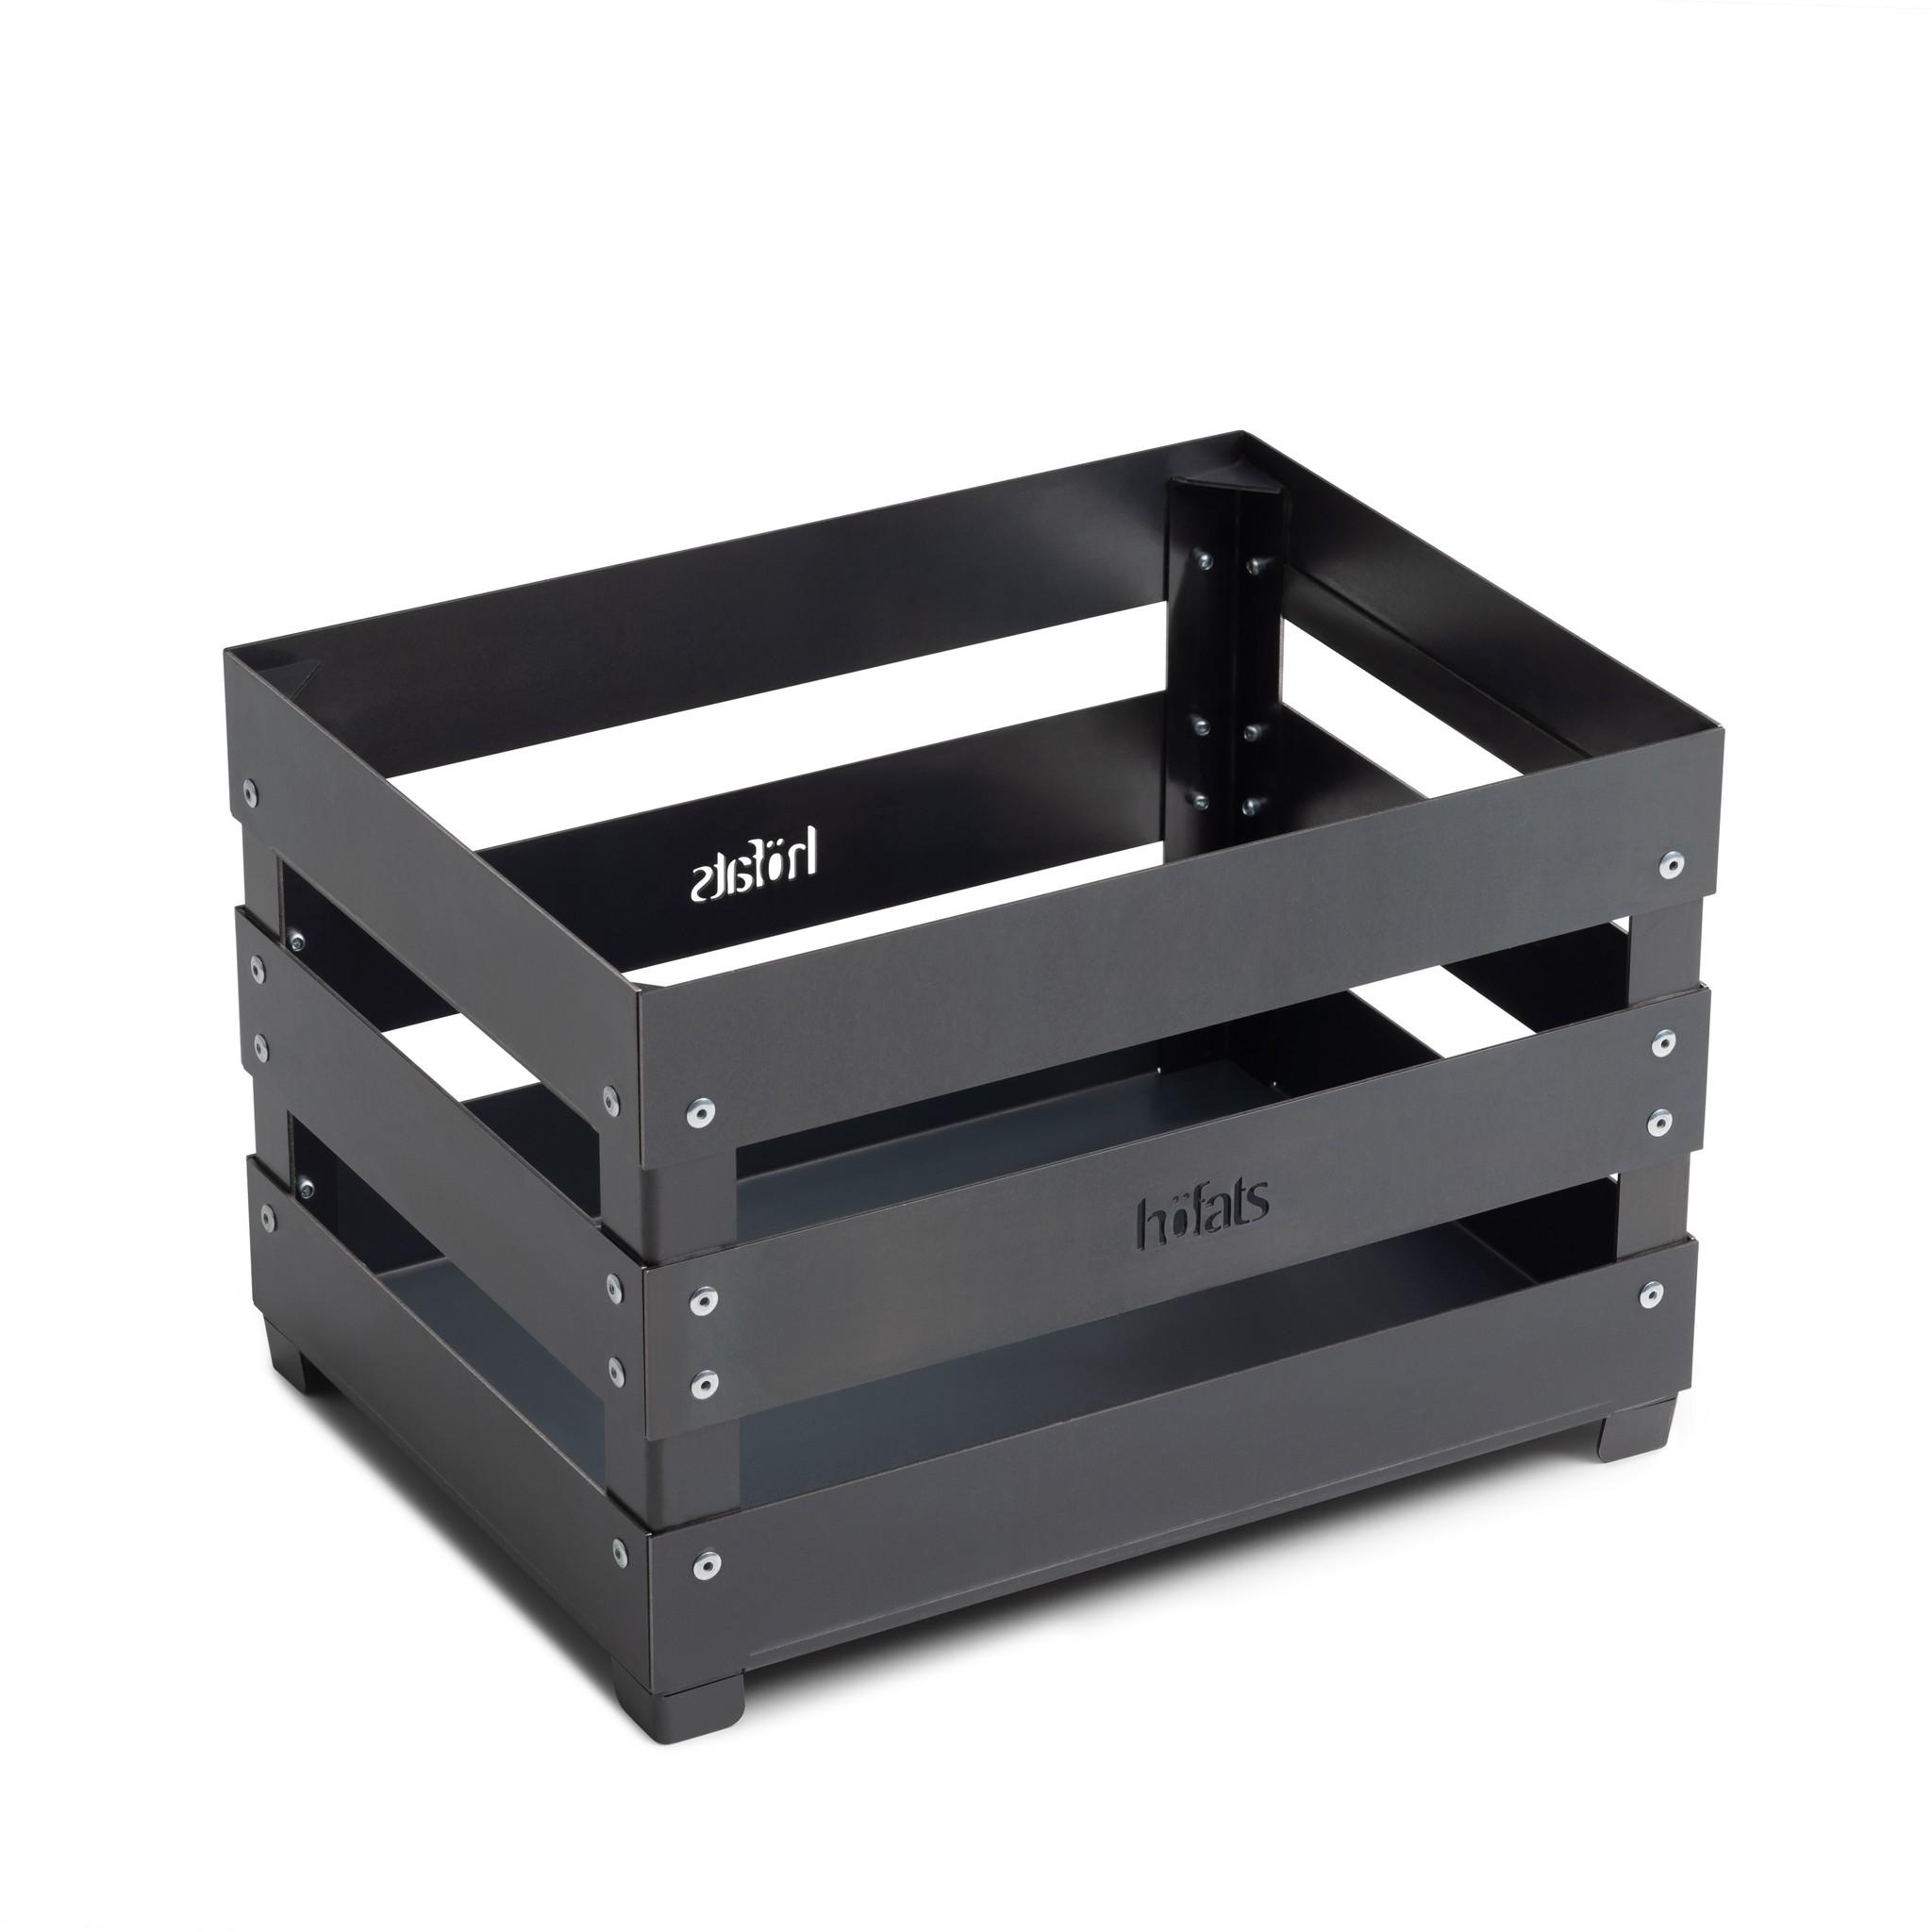 Höfats Crate vuurkorf